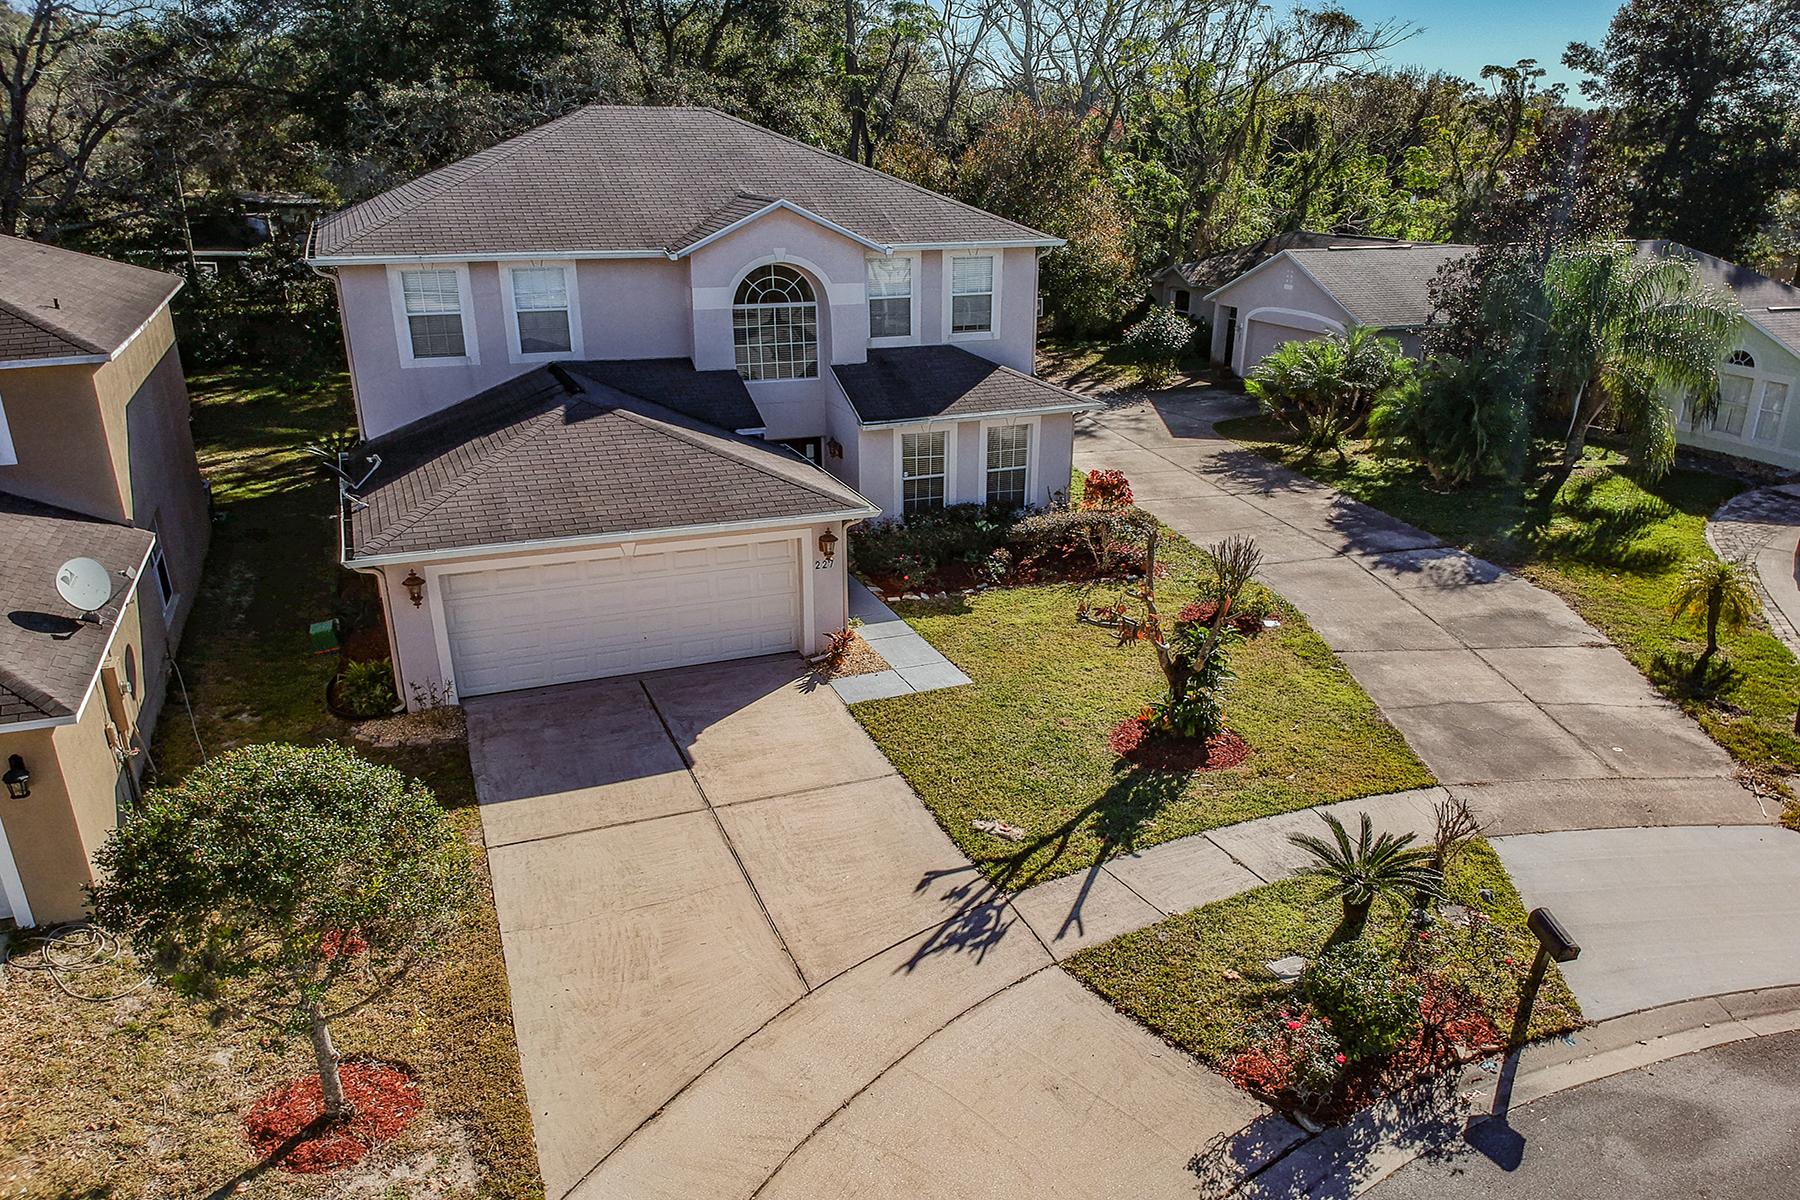 Maison unifamiliale pour l Vente à ORLANDO - APOPKA 227 Pleasant Gardens Dr Apopka, Floride 32703 États-Unis